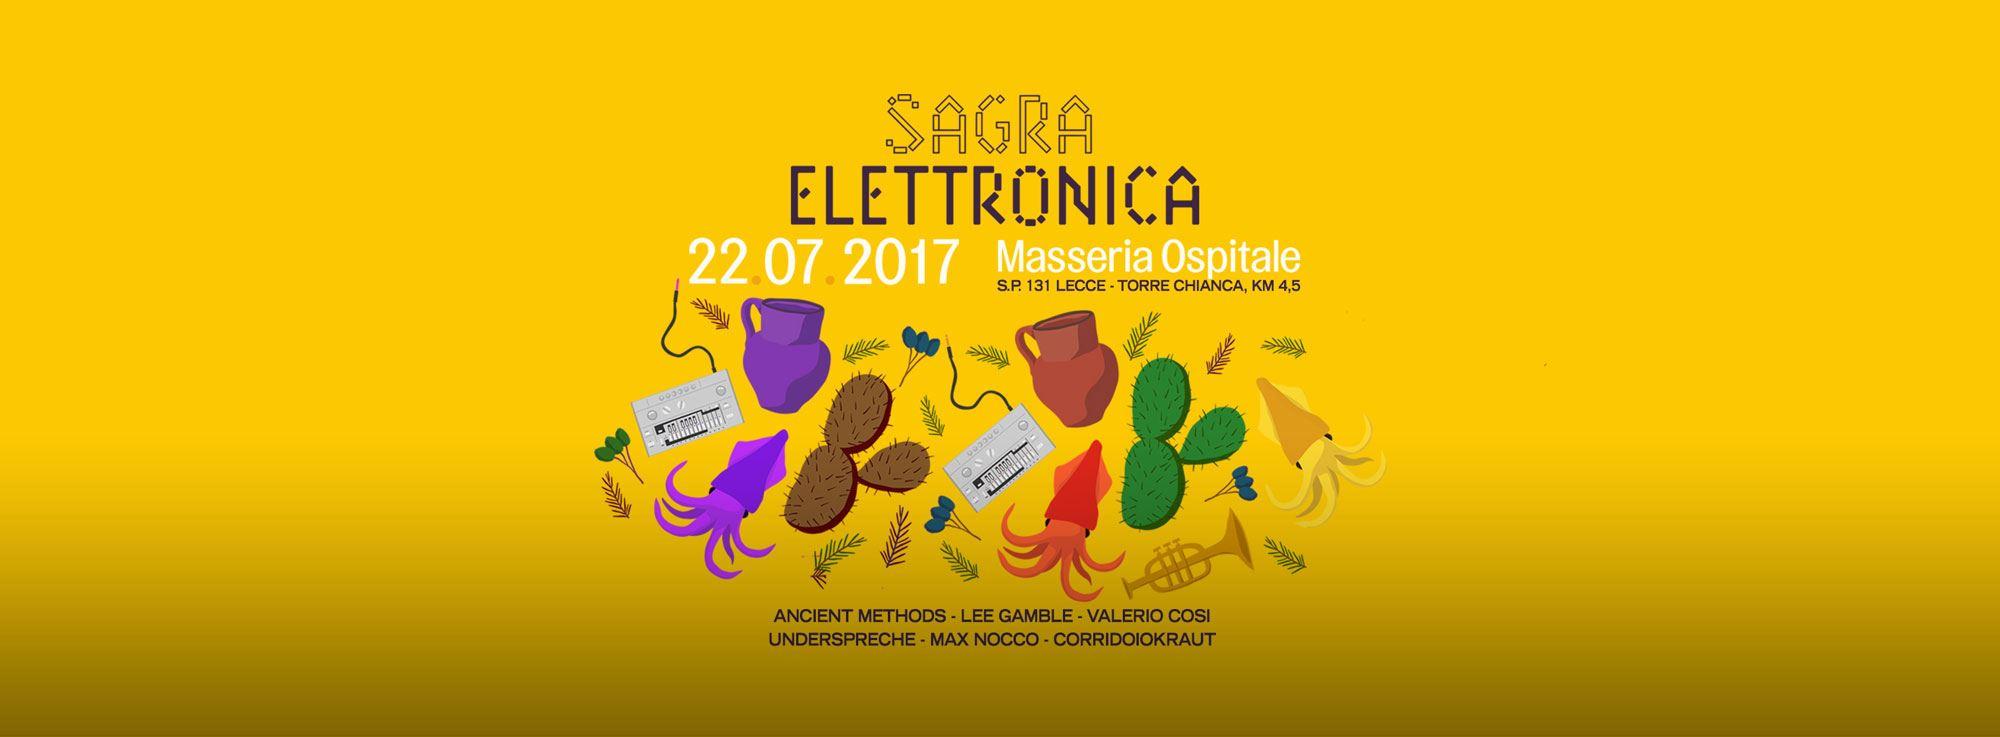 Lecce: Sagra elettronica